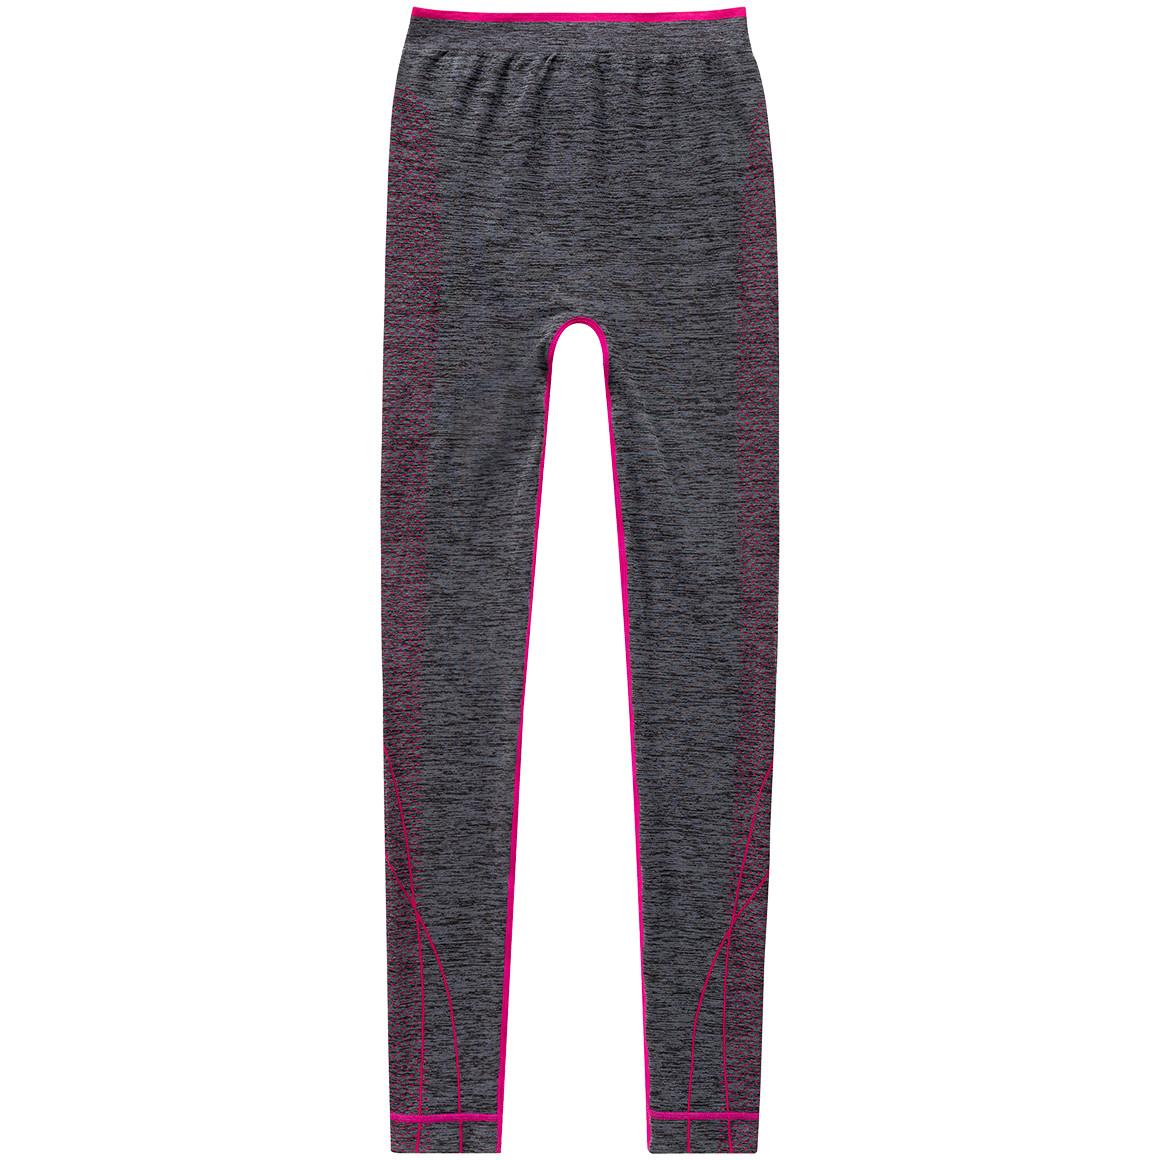 Girlshosen - Mädchen Sport Unterhose in Seamless Qualität - Onlineshop Ernstings family